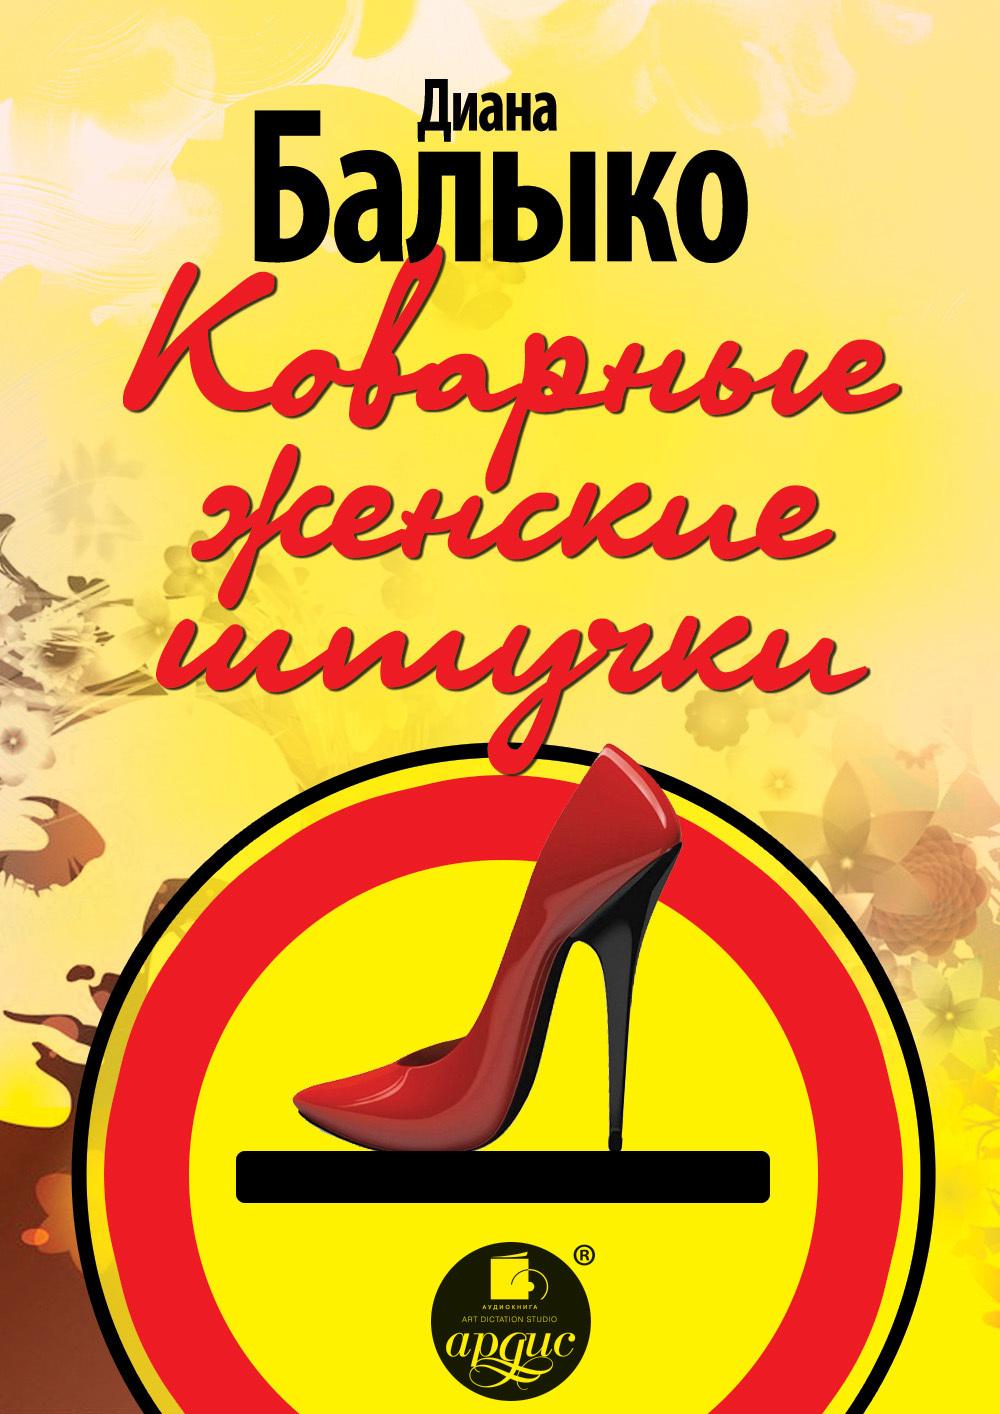 Диана Балыко Коварные женские штучки